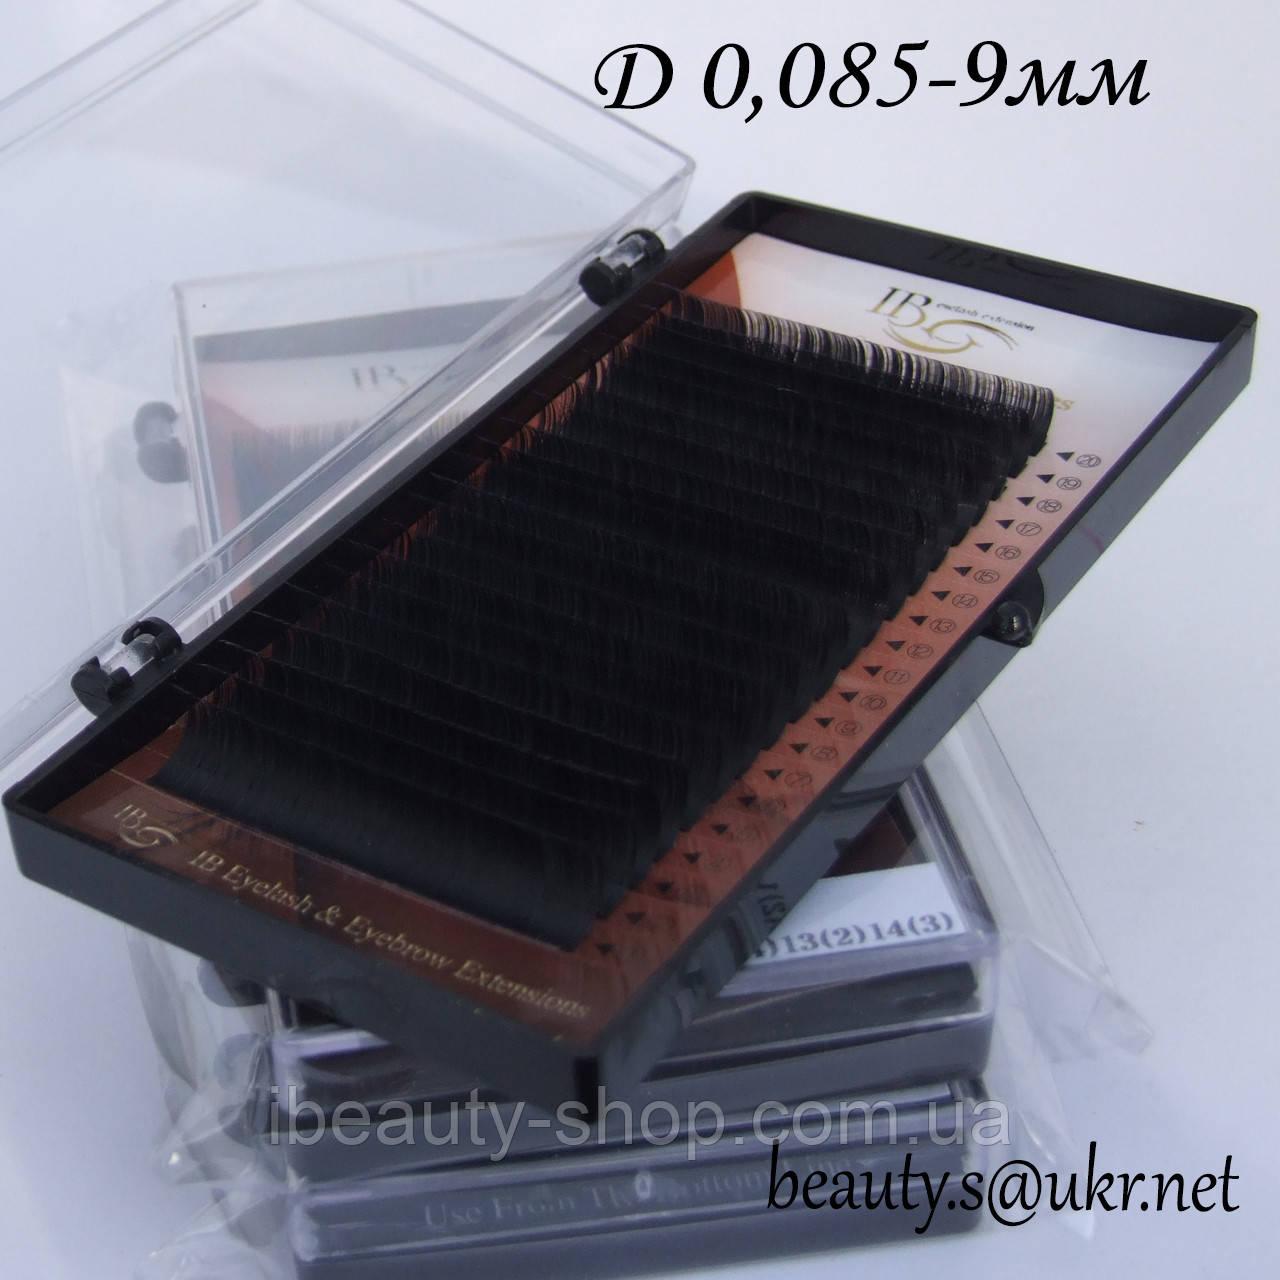 Вії I-Beauty на стрічці D-0,085 9мм